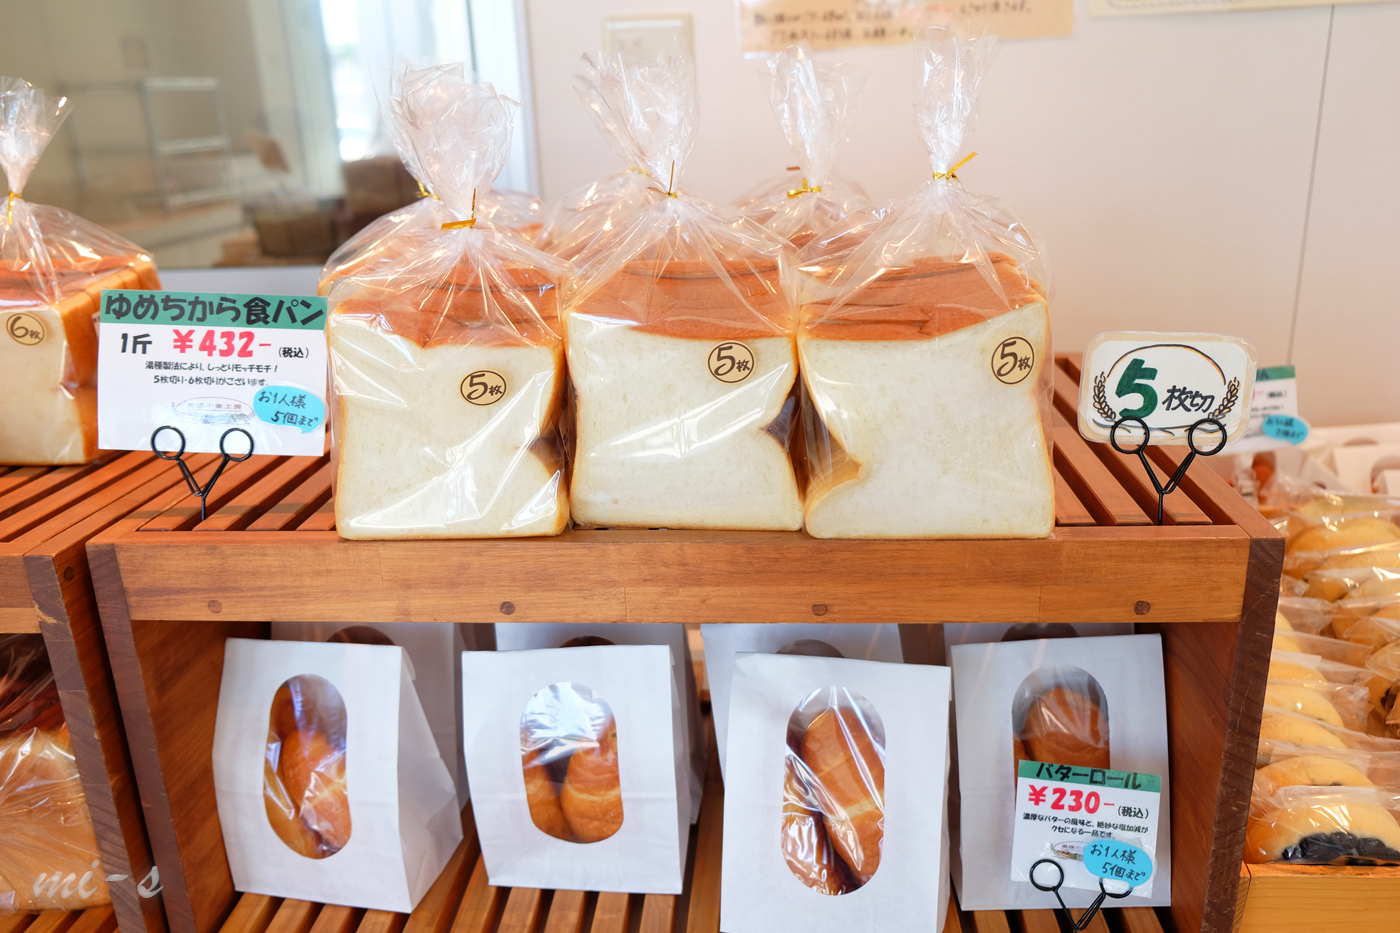 小麦工房で販売されているパン